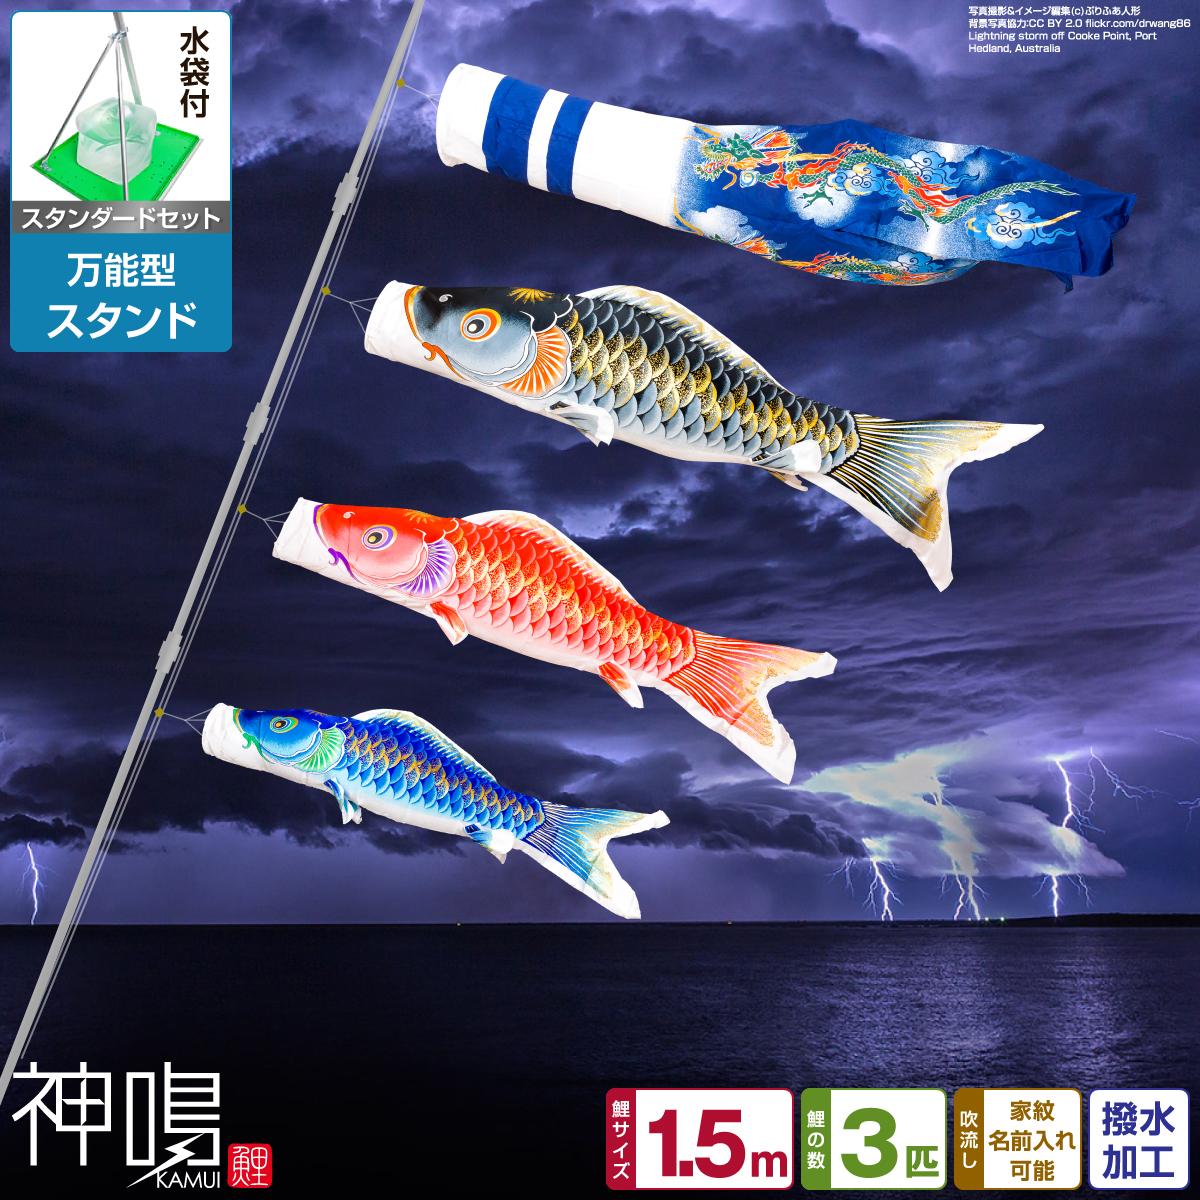 鯉のぼり ベランダ/庭/兼用 神鳴鯉-KAMUI- 1.5m 6点(吹流し+鯉3匹+矢車+ロープ)/スタンダードセット(万能スタンド)